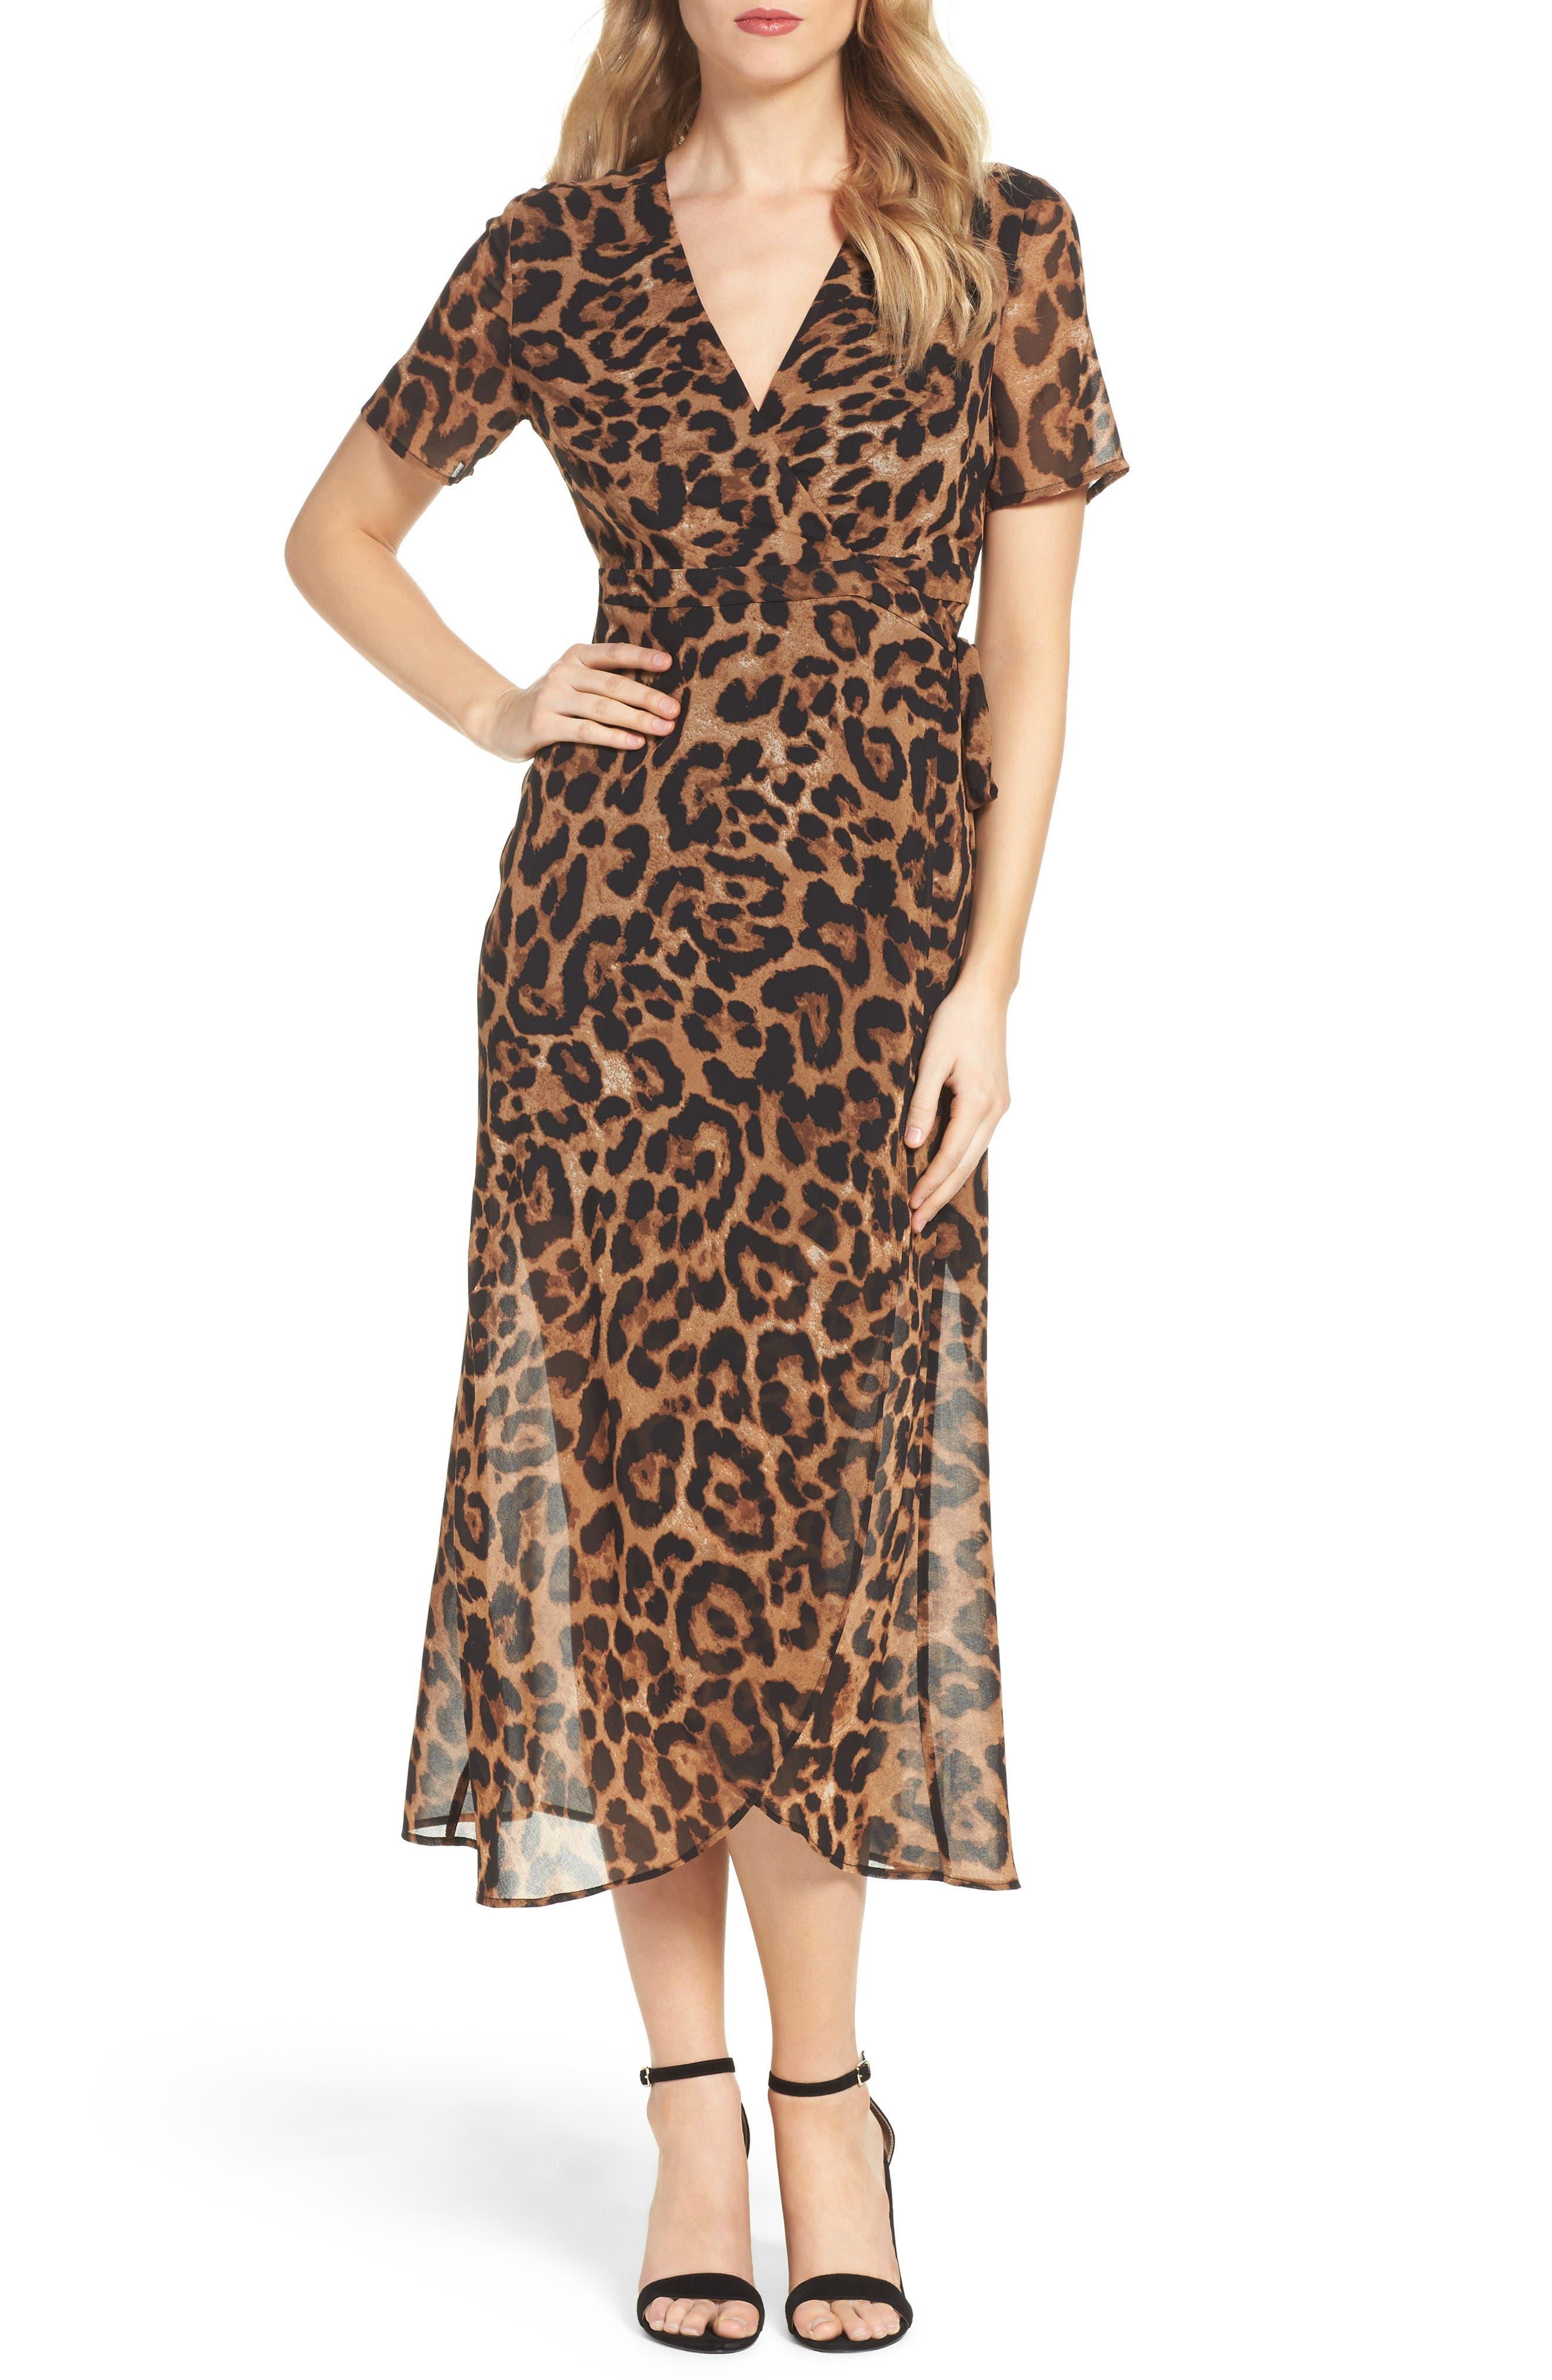 Leopard Print Wrap Dress,                         Main,                         color, Black Leopard